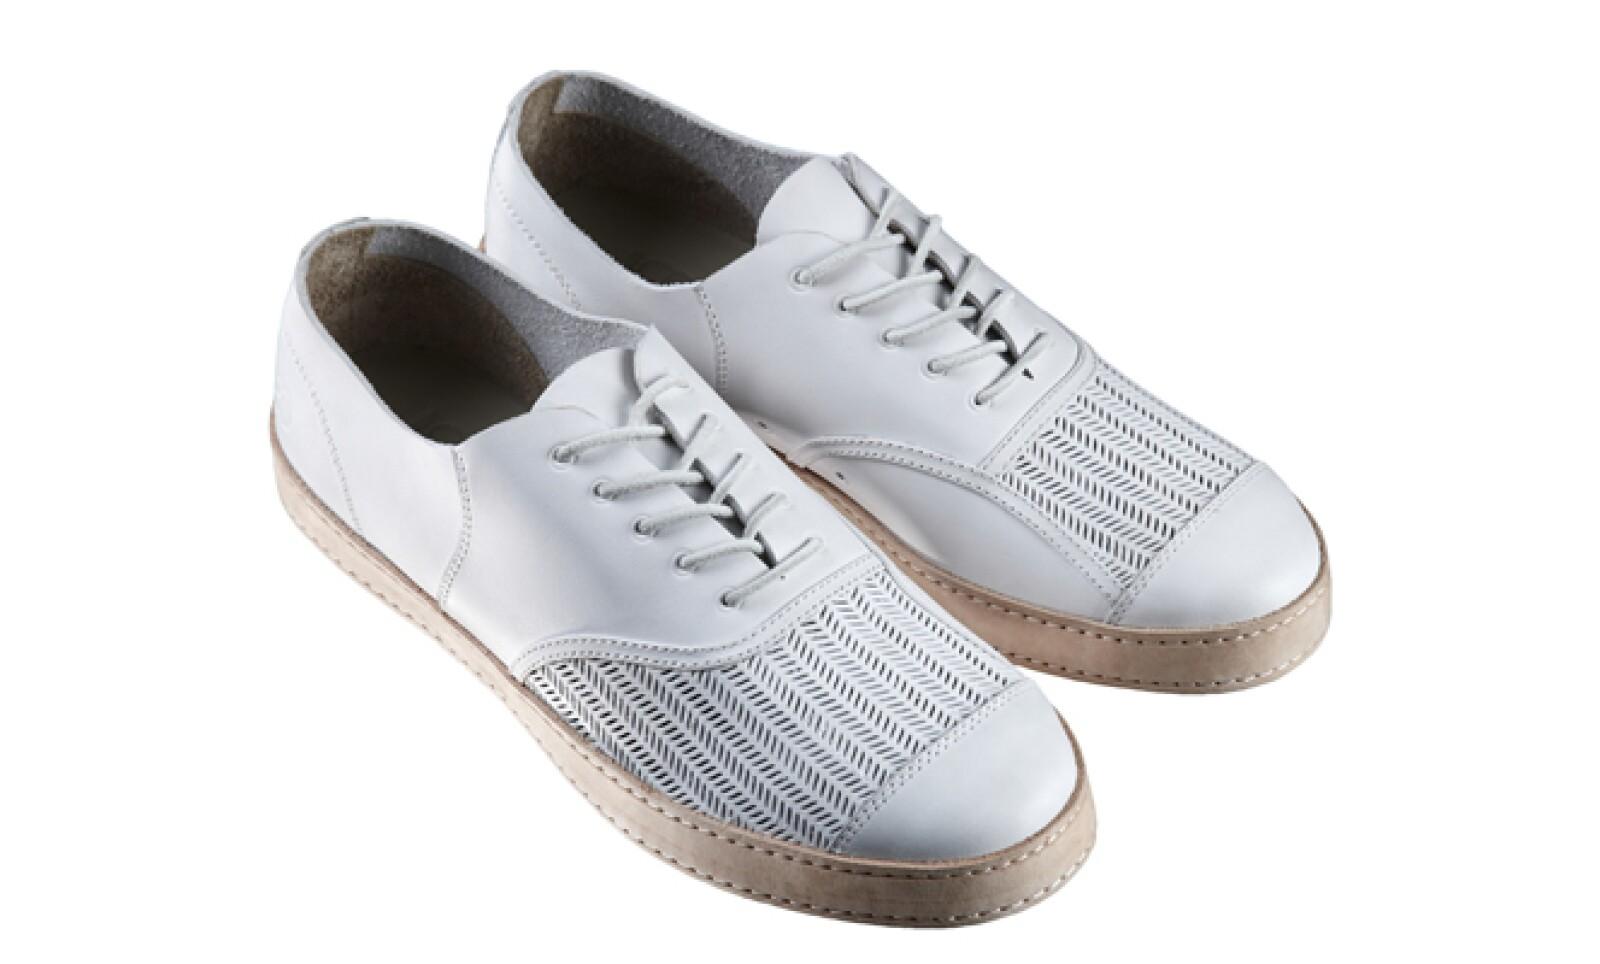 Lacoste conmemora su 80 aniversario con una nueva colección de calzado de estilo atemporal.